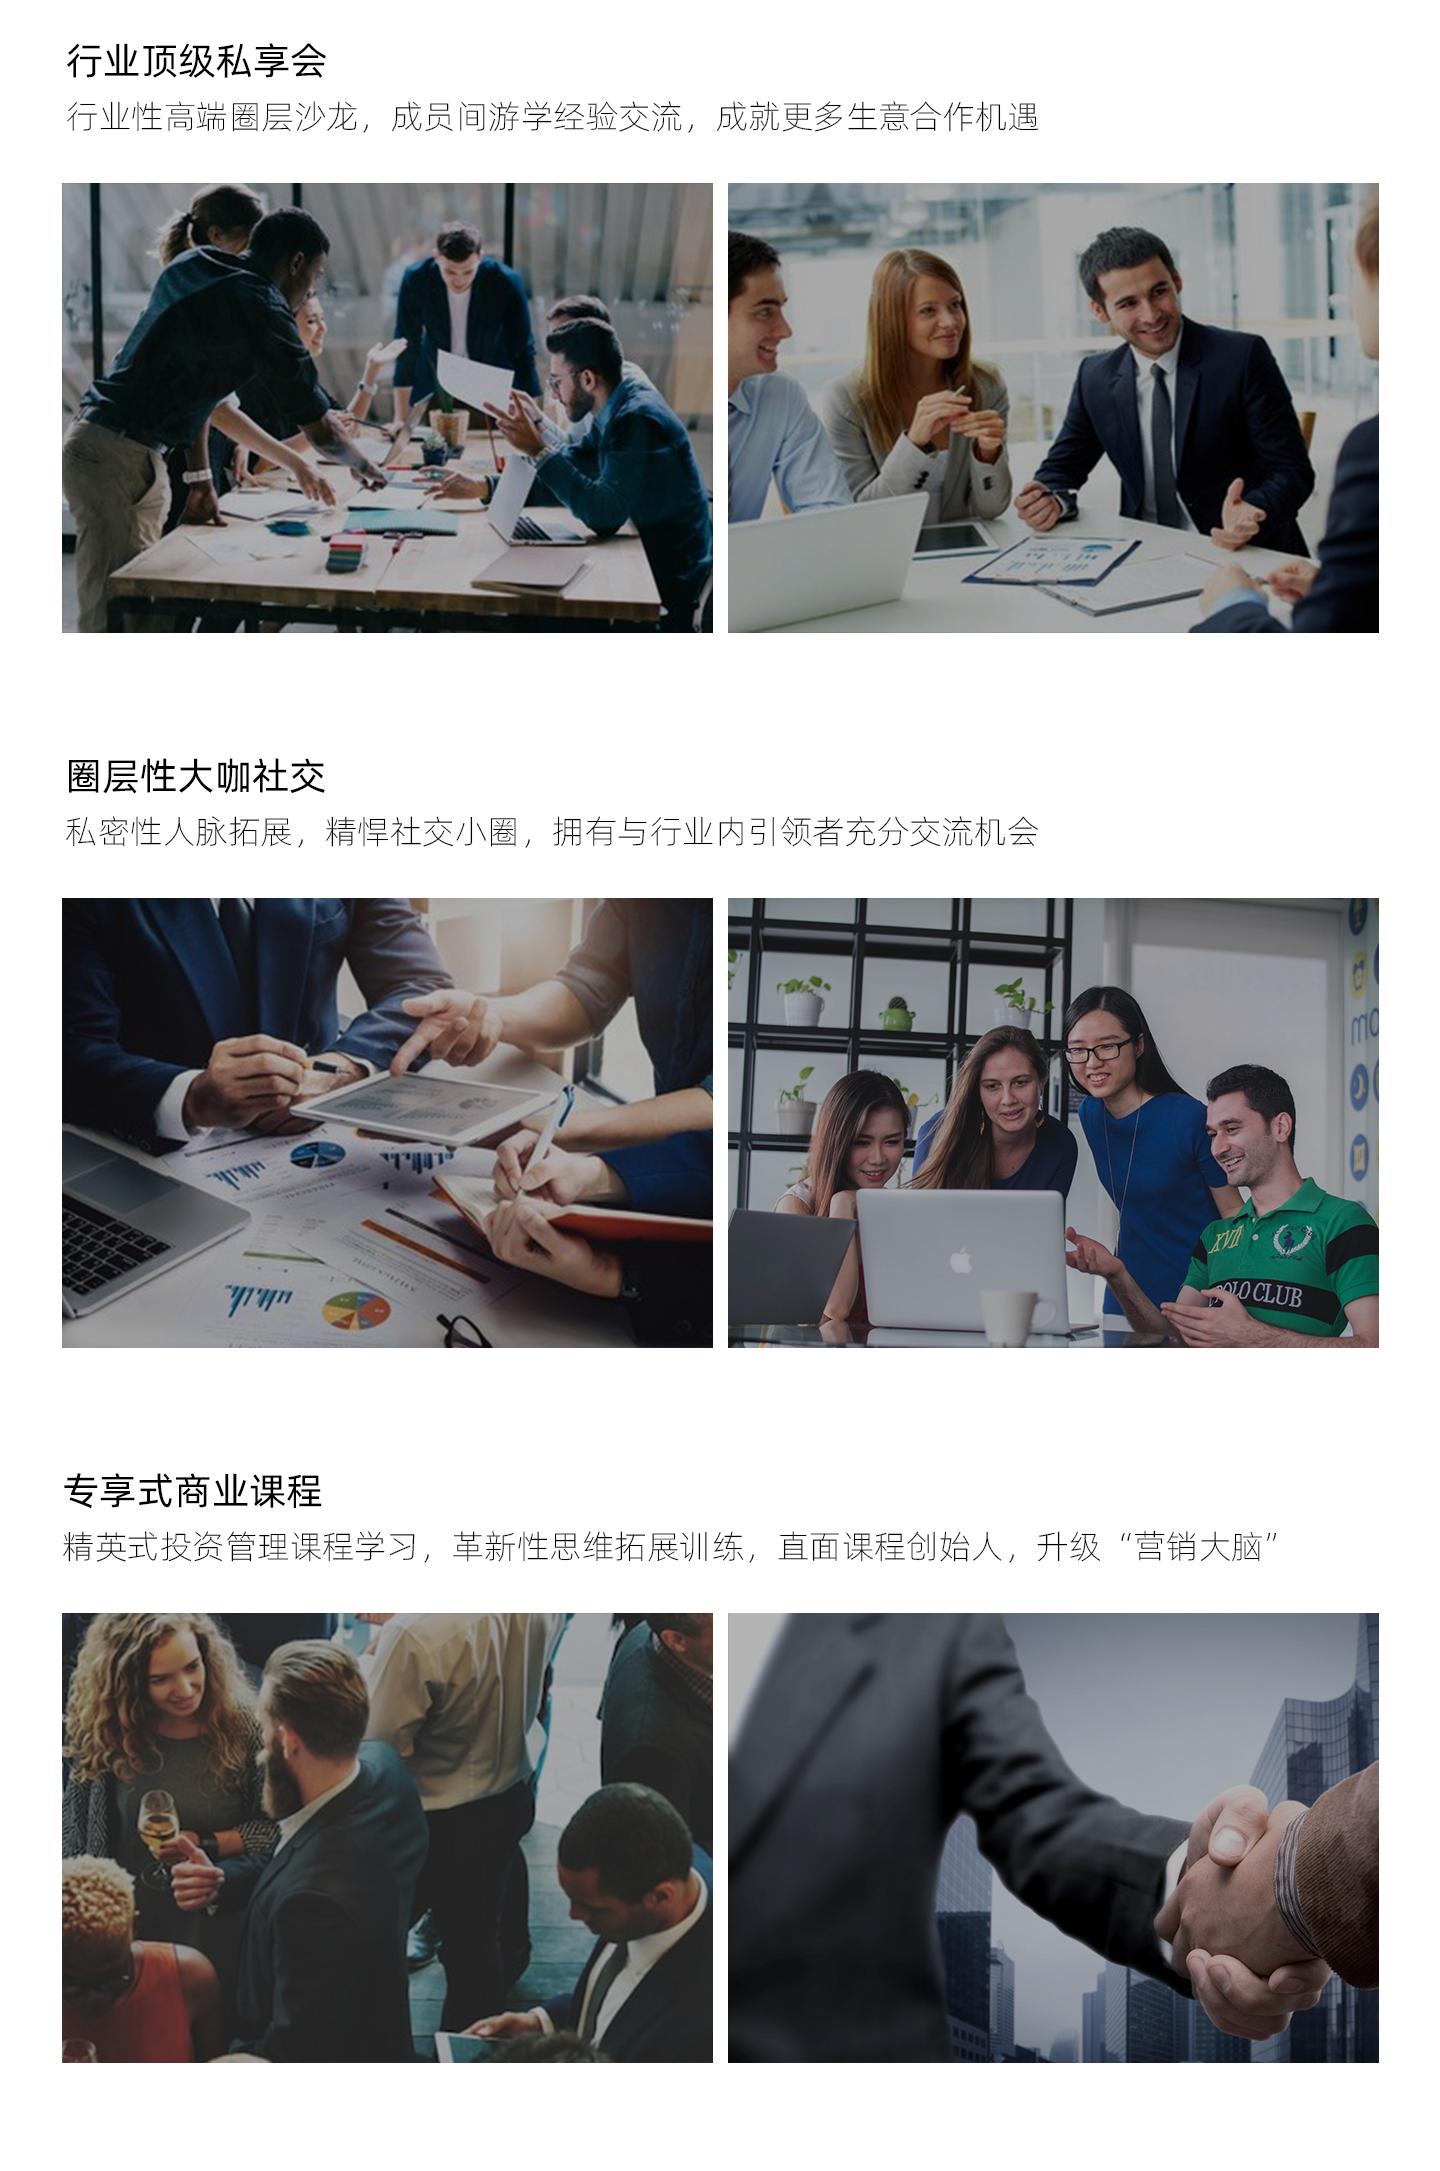 腾讯金牛企业会员-1440_08.jpg